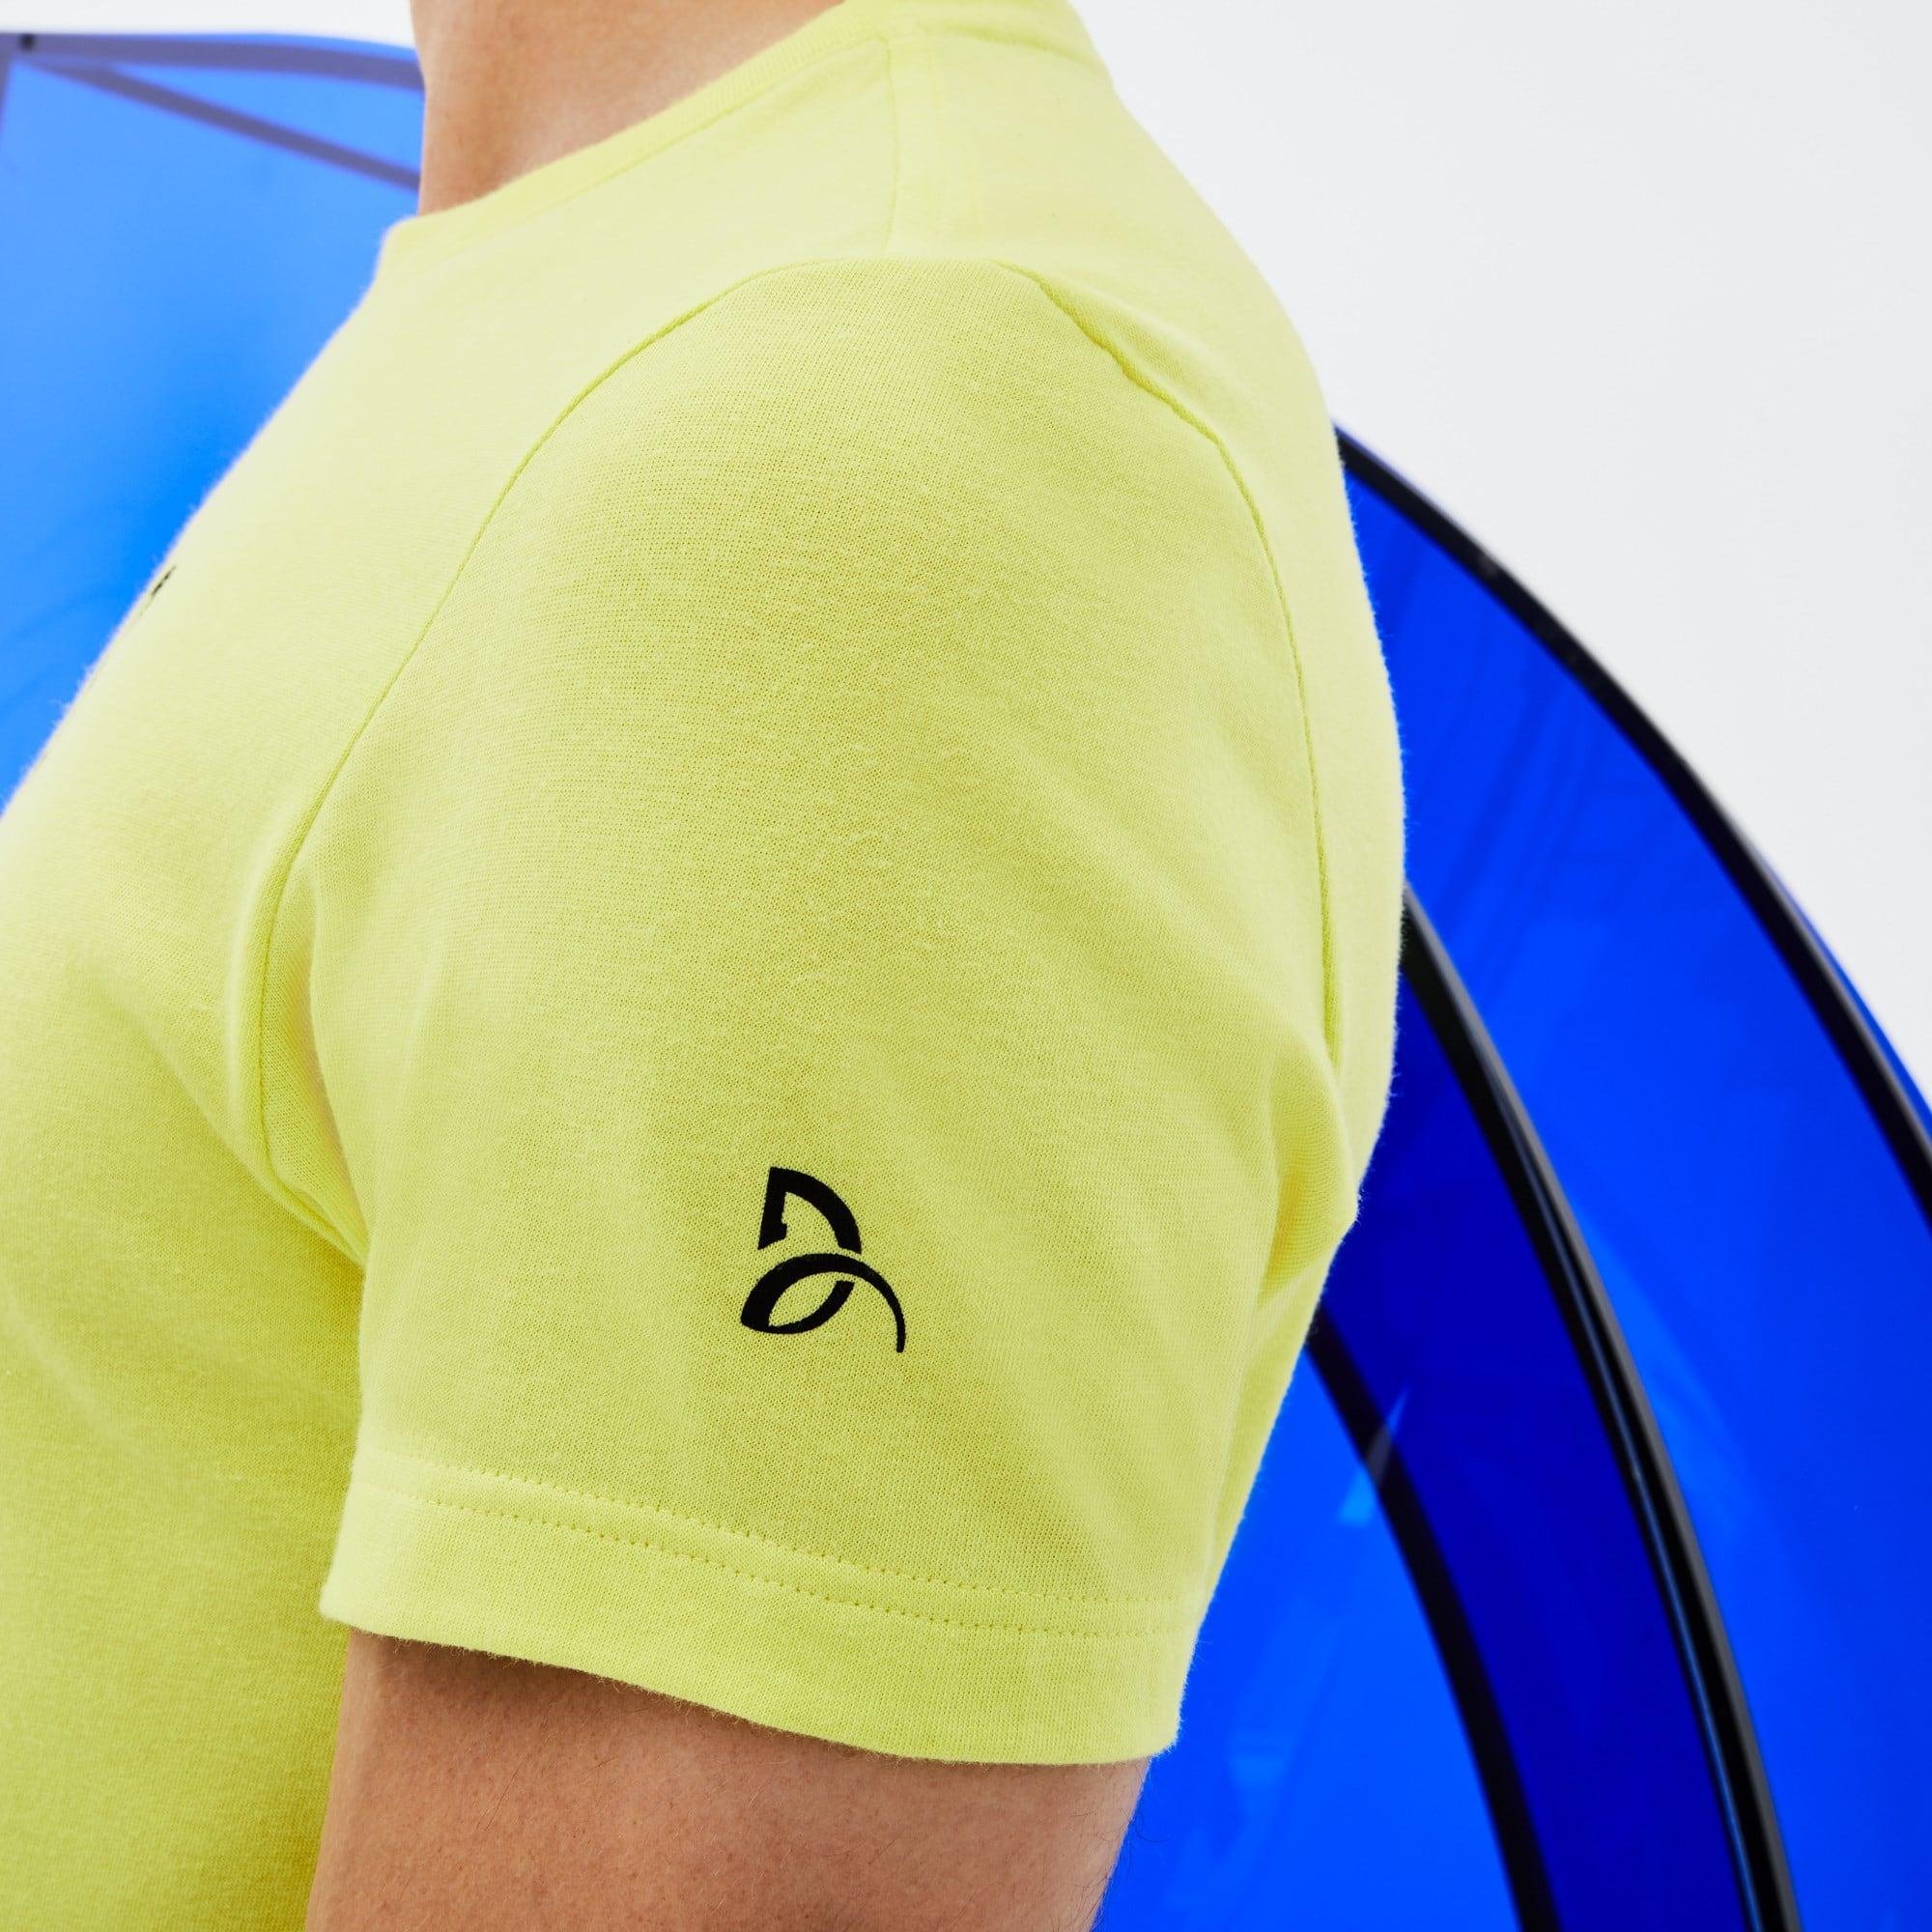 Lacoste - Herren Rundhals-T-Shirt aus Jersey mit Schriftzug LACOSTE SPORT - 6